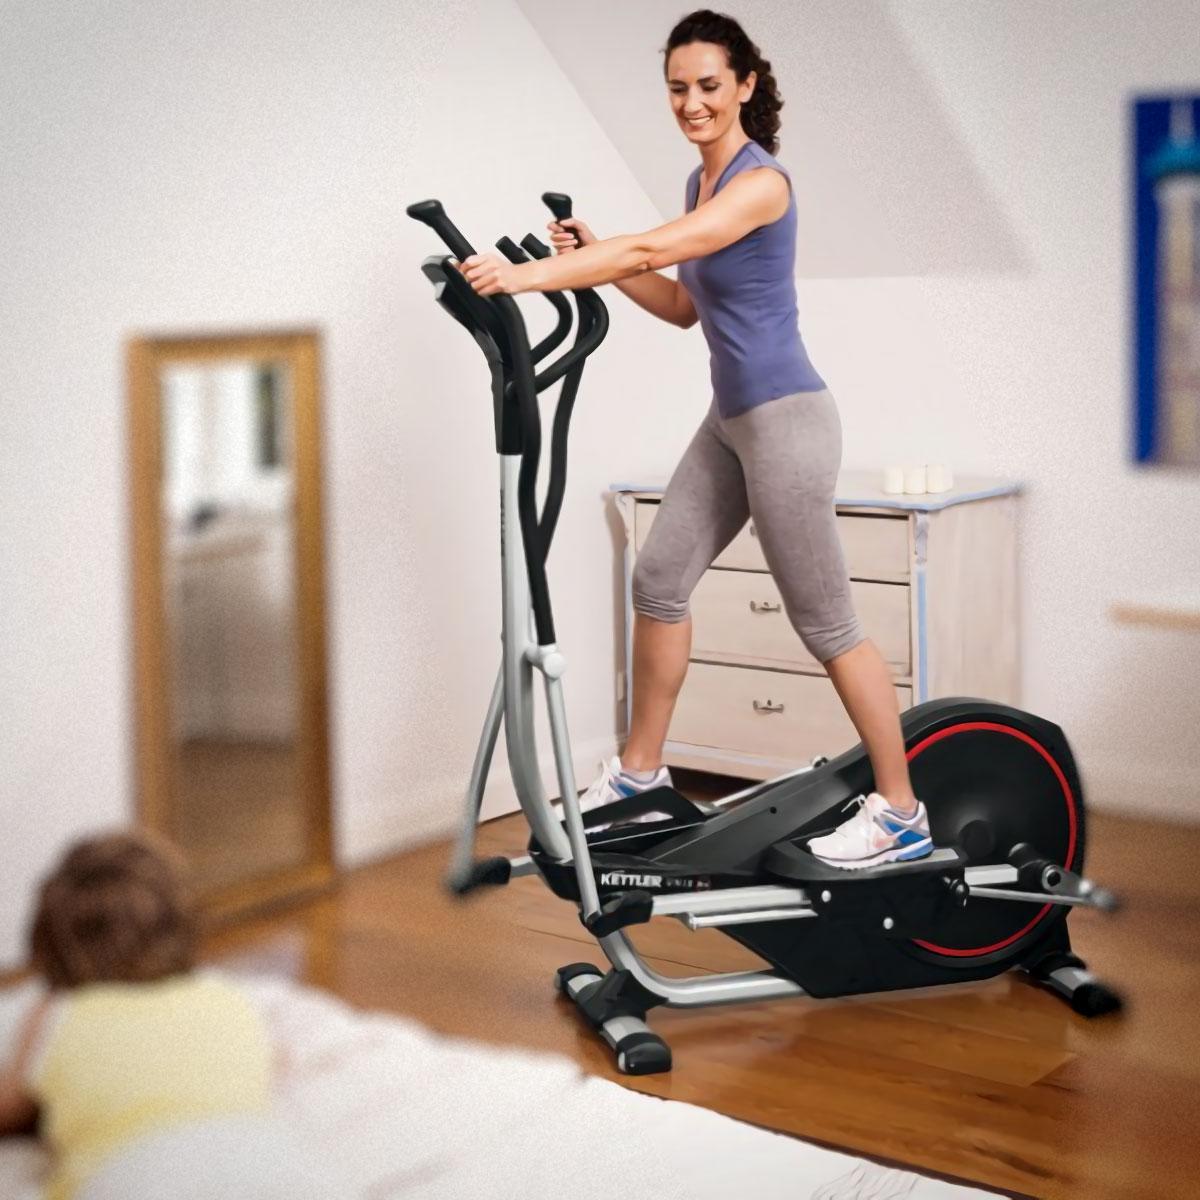 Домашний тренажер для похудения